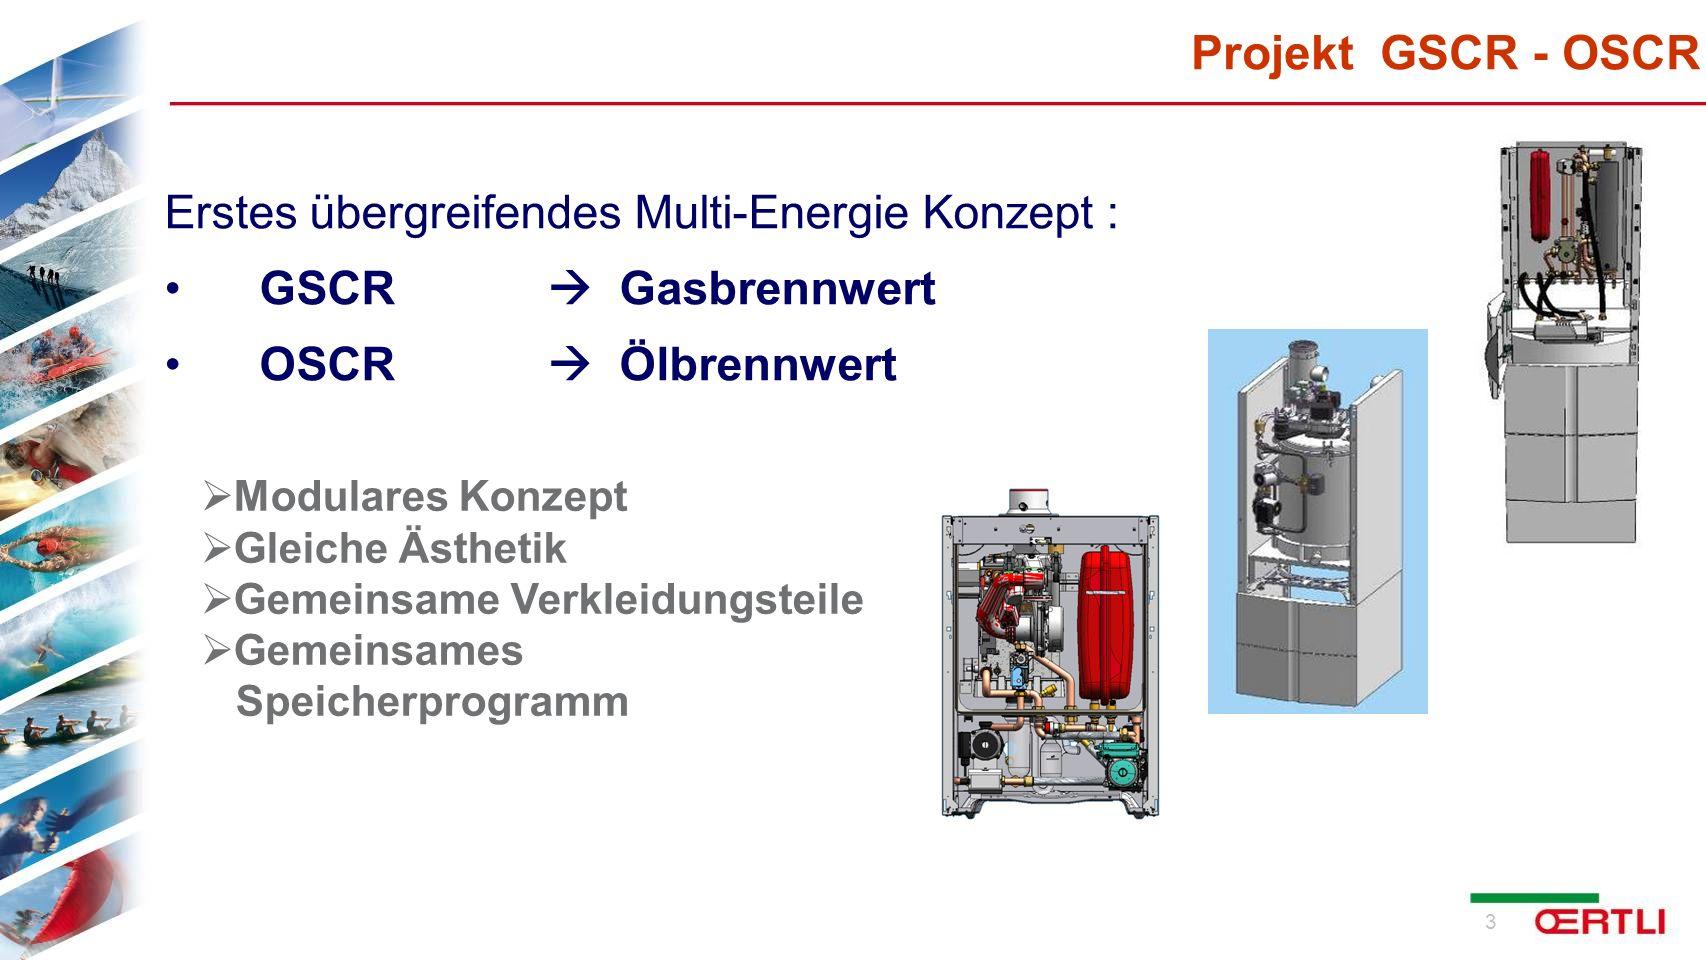 4 Kesselmodule + Speichermodule frei kombinierbar Kessel Öl oder Gas Speicher bodenstehend aufgesetzt untergestellt oder nebenstehend (mit Deckel) Neues modulares Konzept